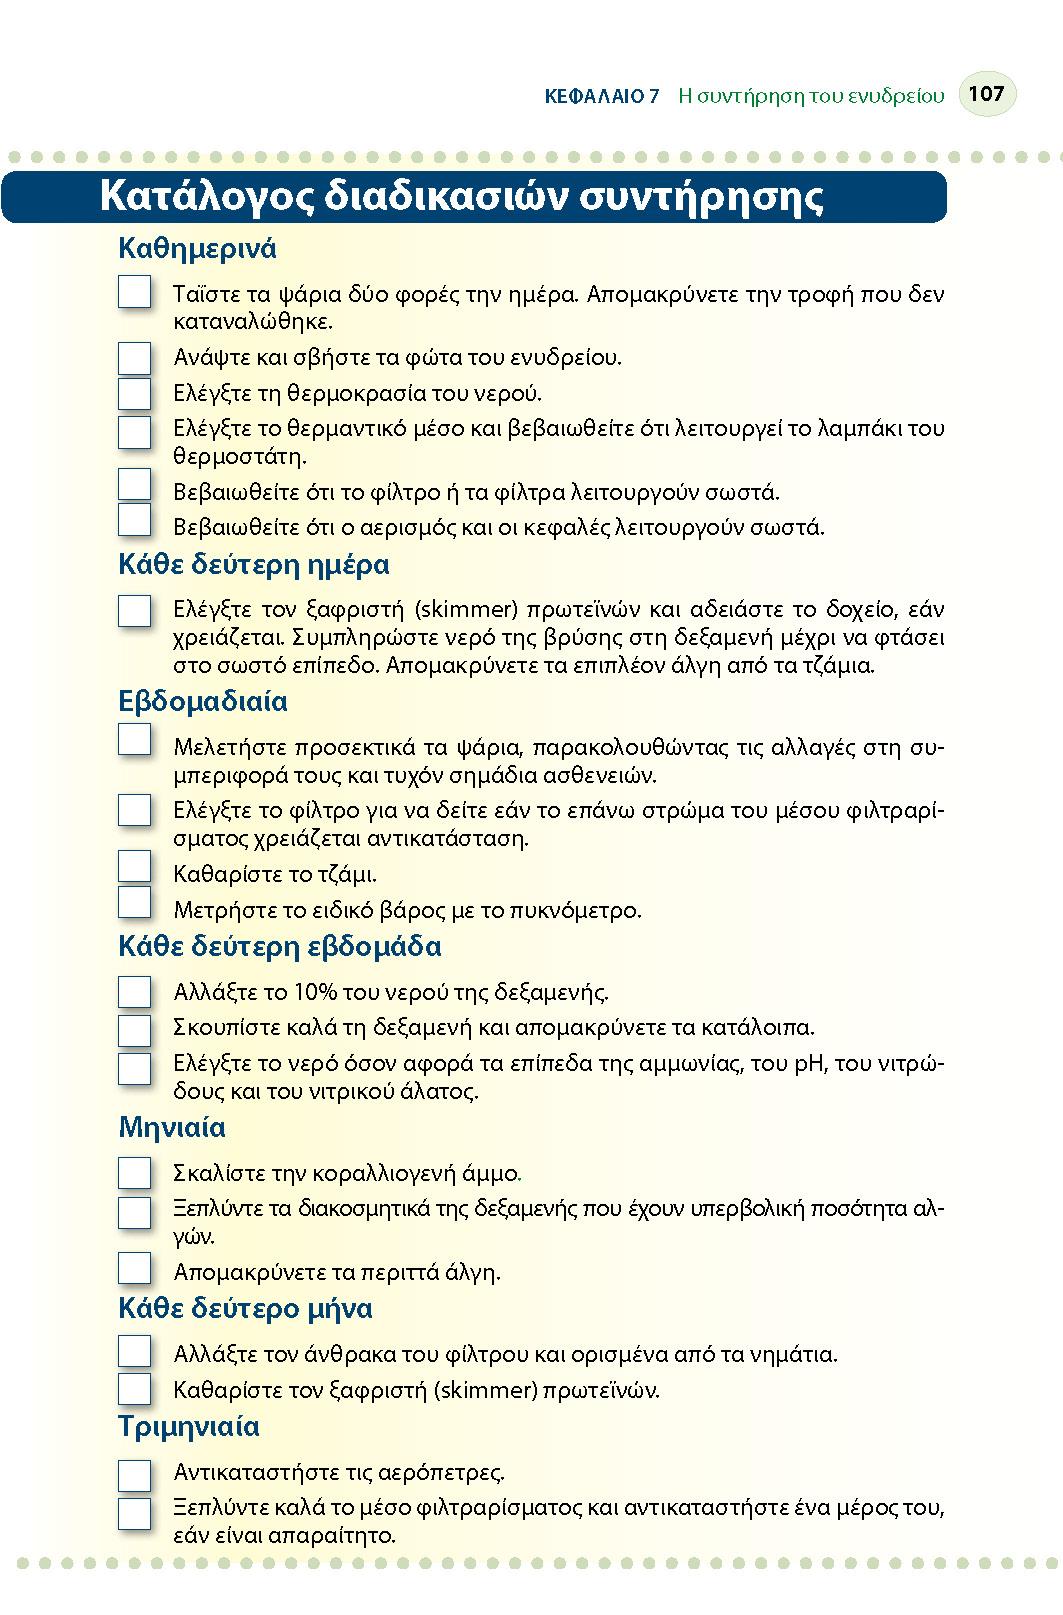 Κατάλογος διαδικασιών συντήρησης